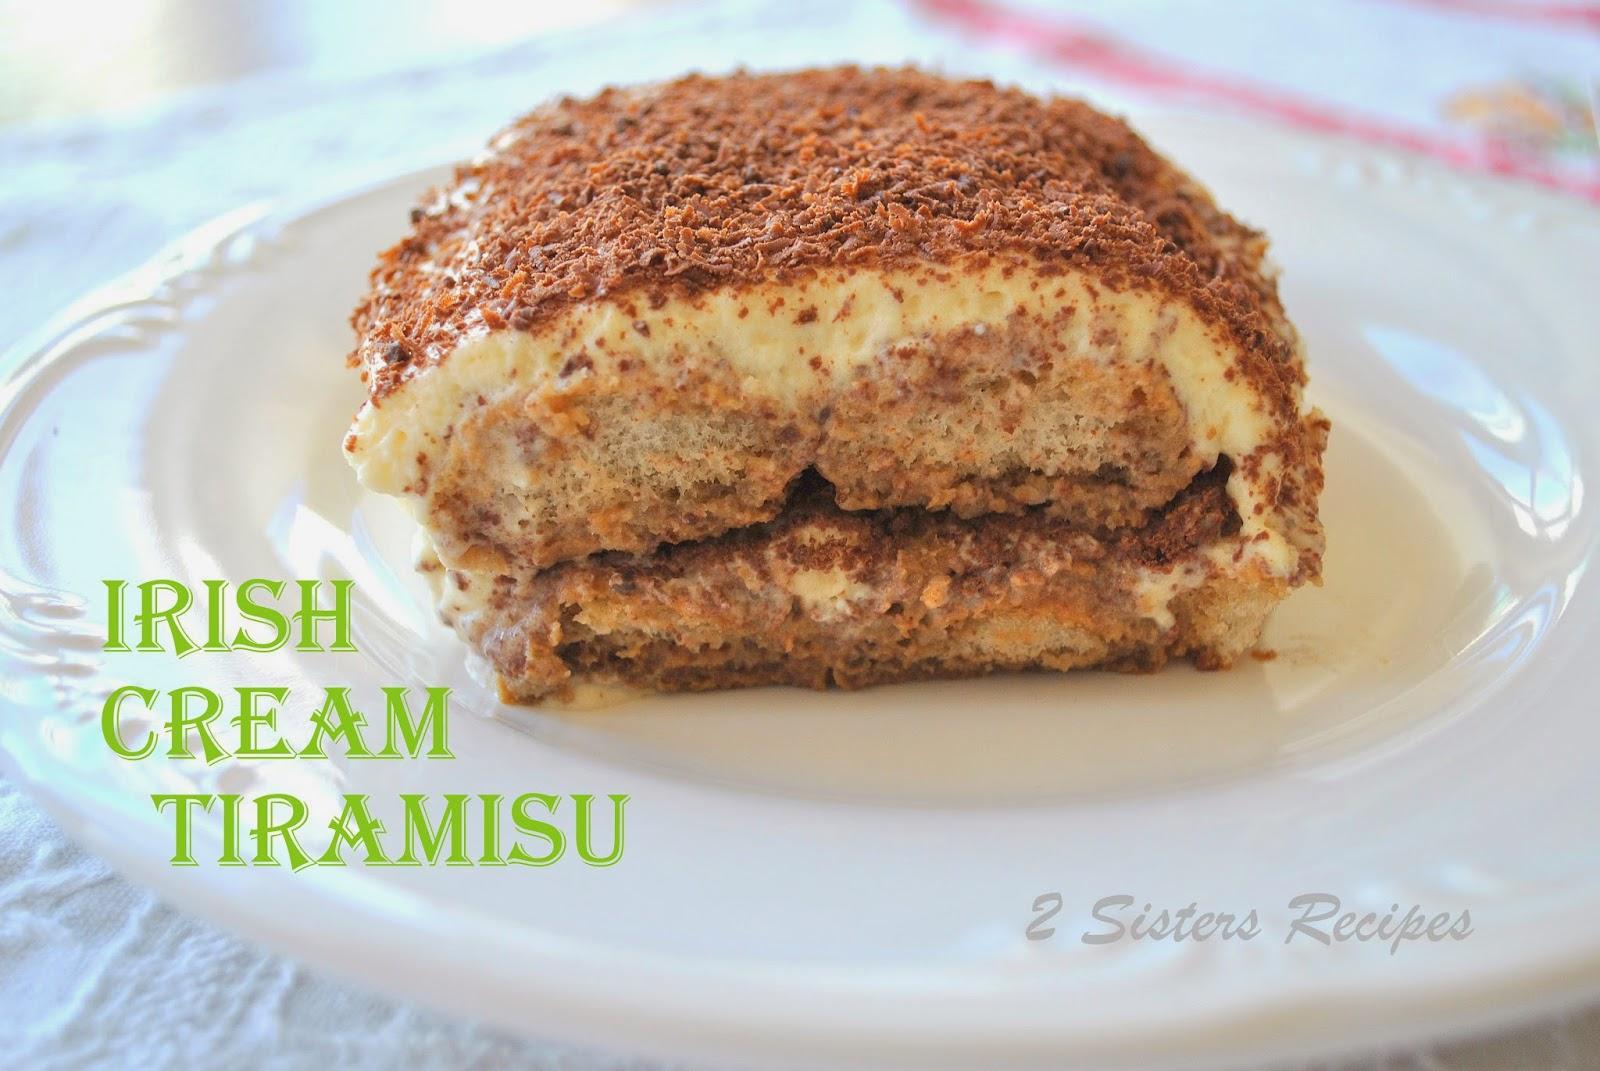 Sisters Recipes... by Anna and Liz: Irish Cream Tiramisu